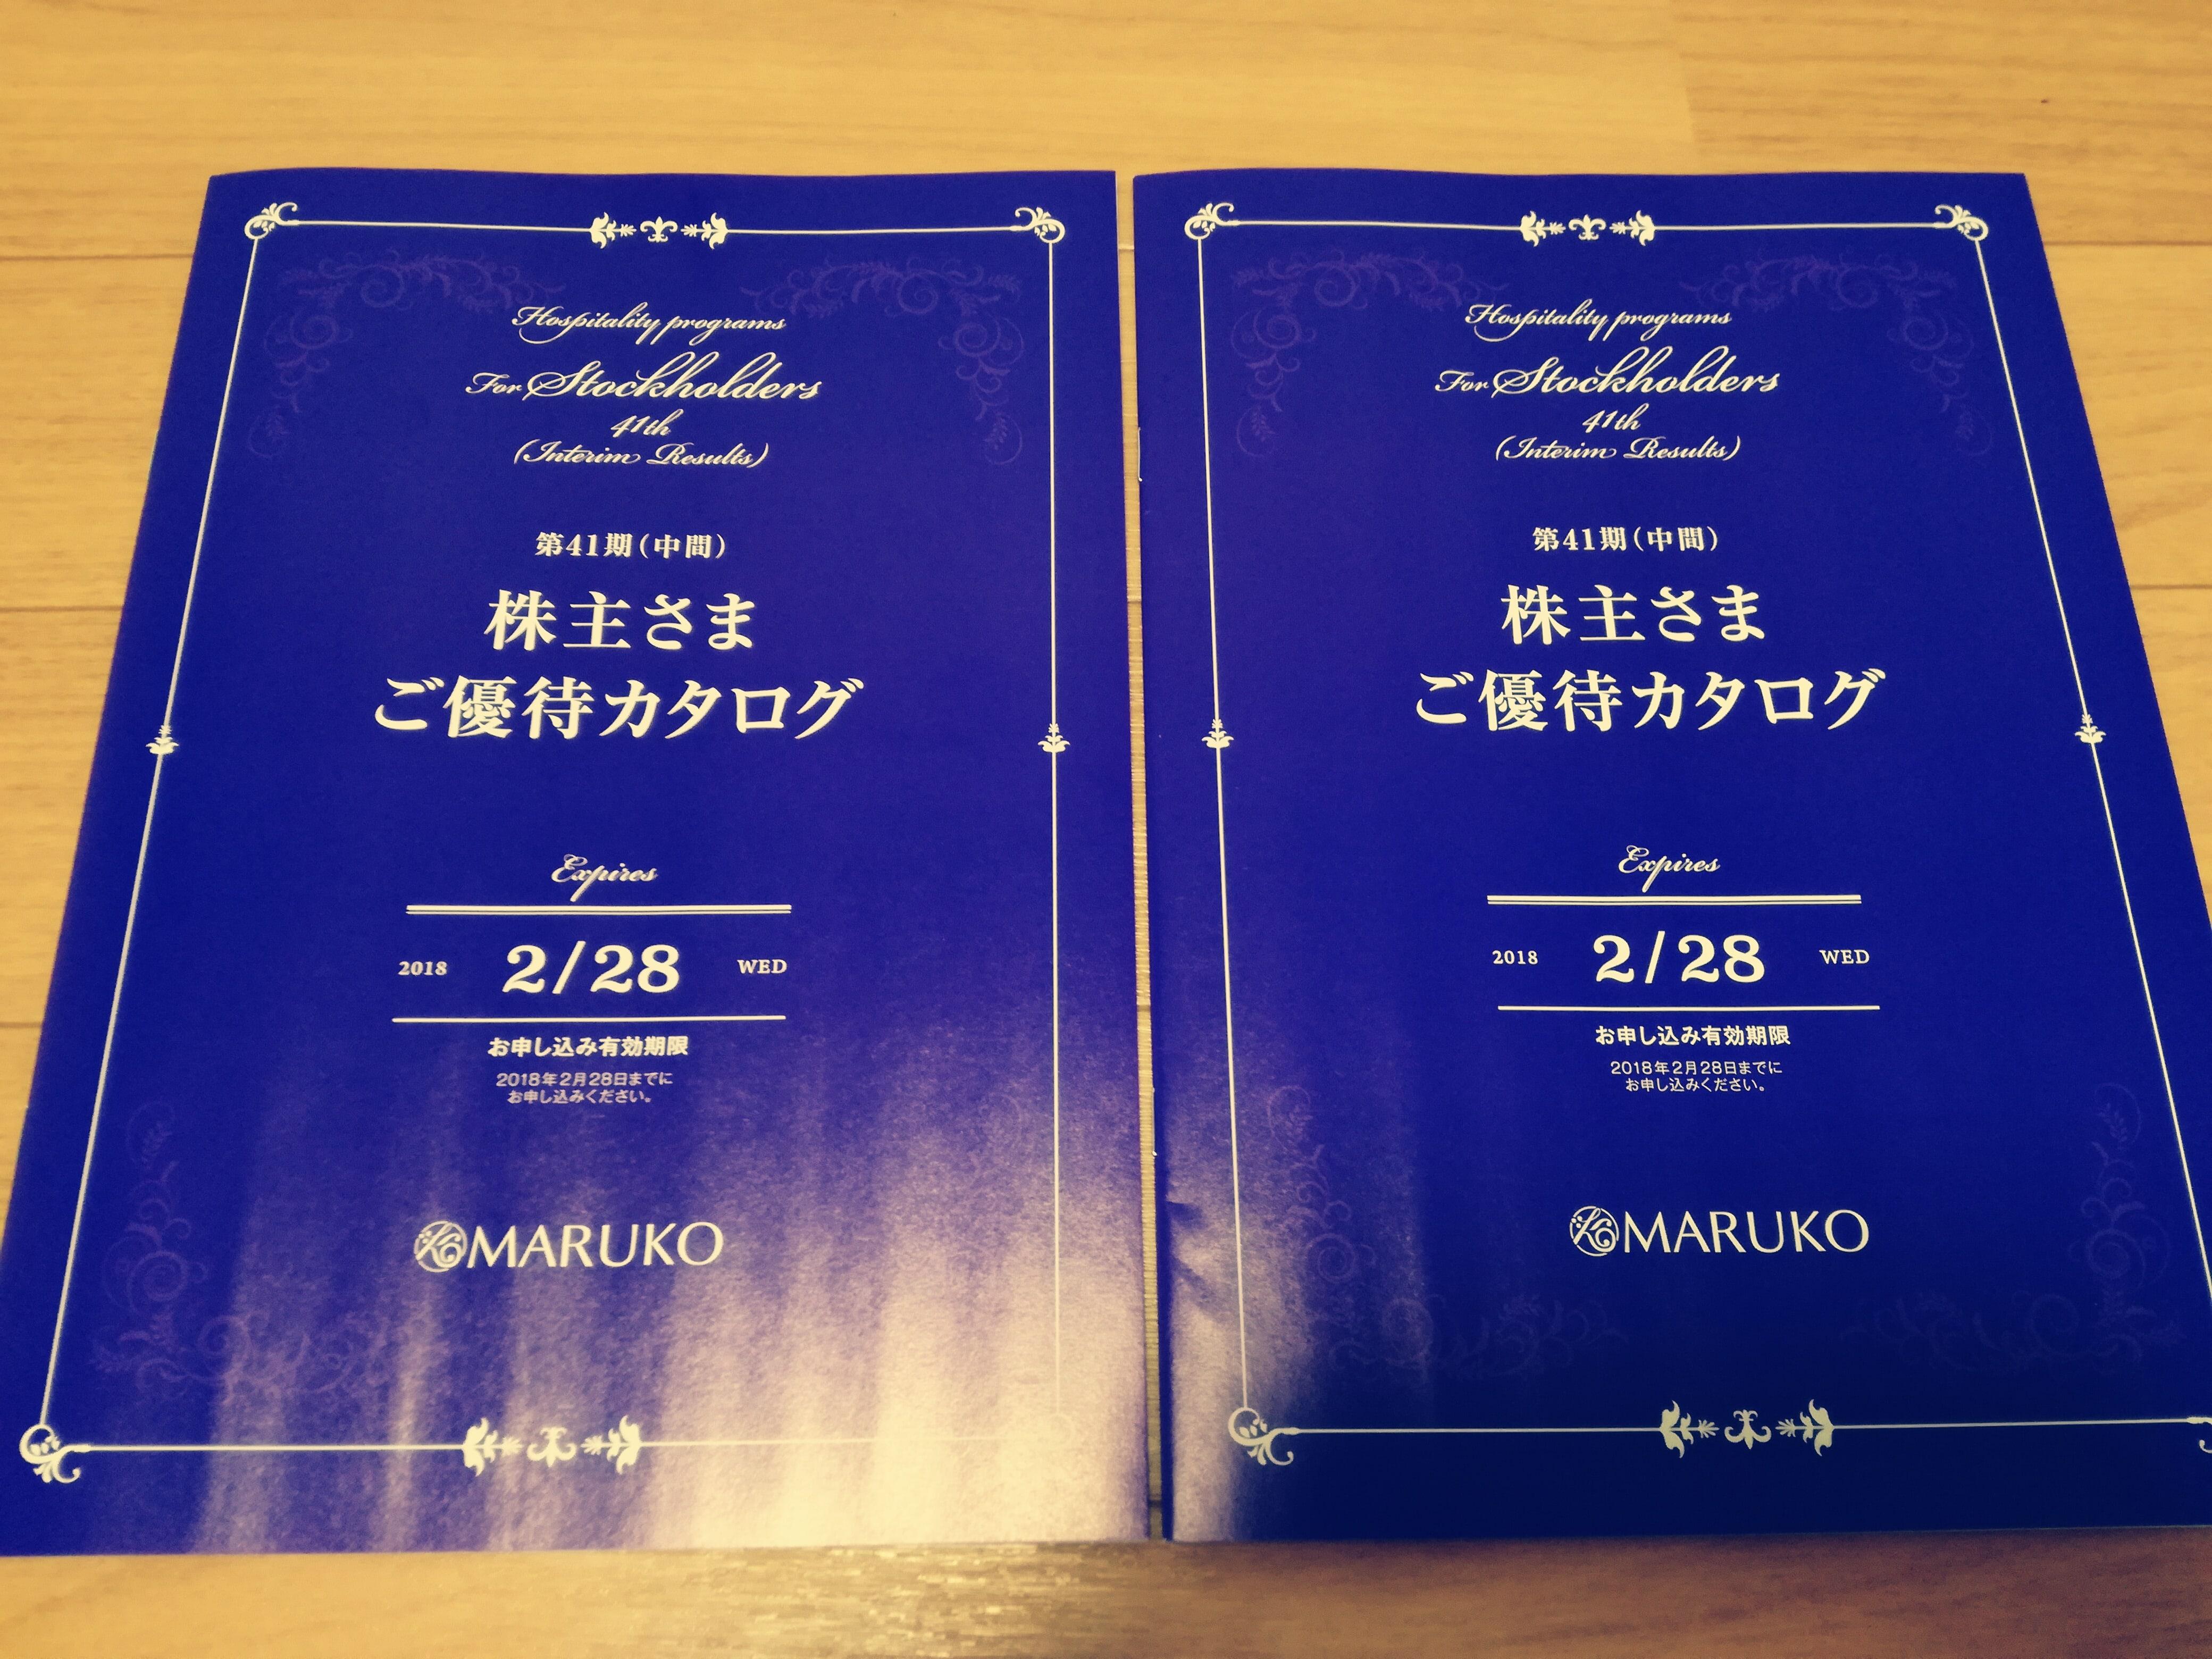 マルコ(9980)の株主優待カタログ